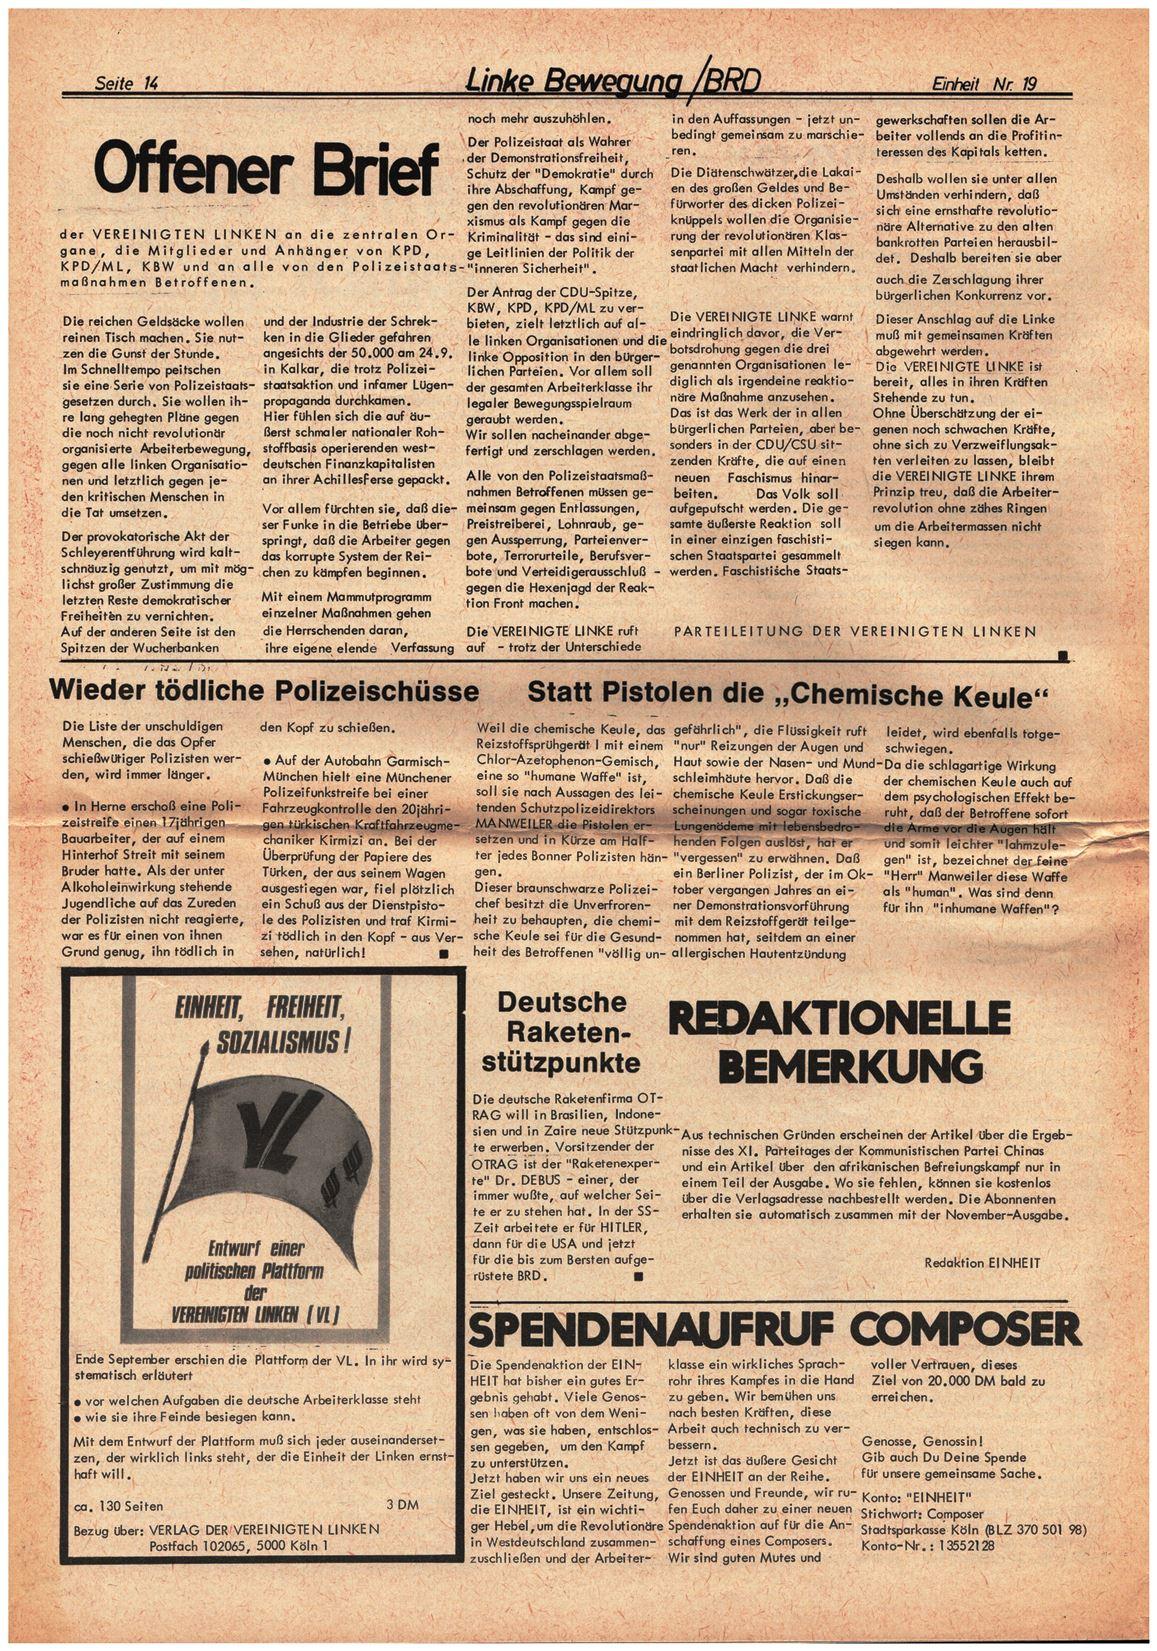 Koeln_IPdA_Einheit_1977_019_014